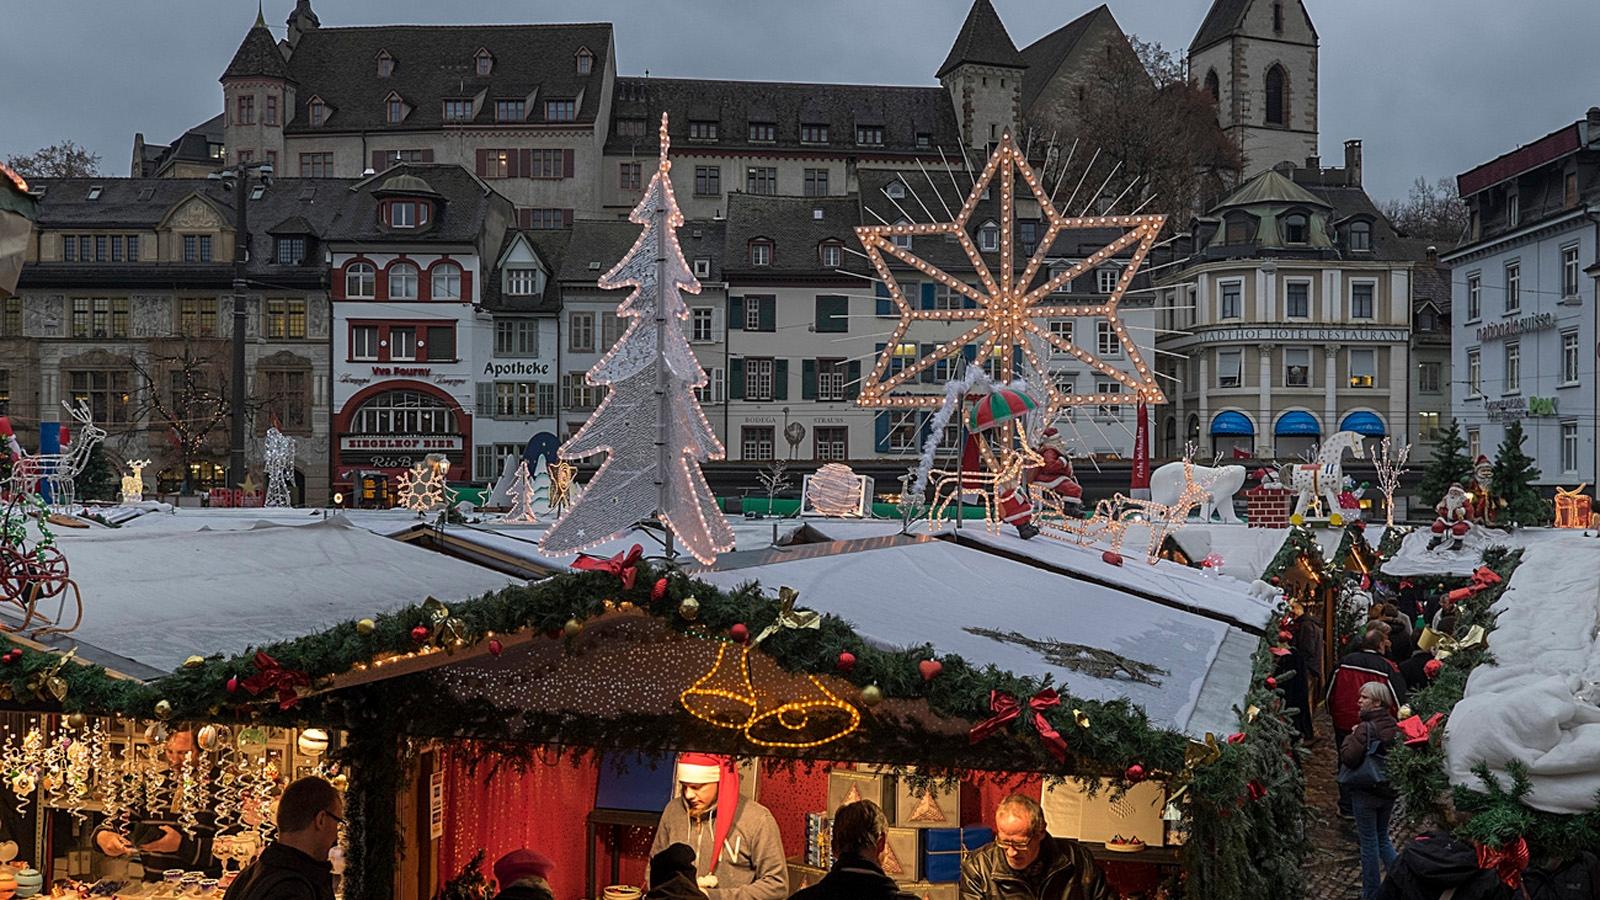 Weihnachtsmärkte – nicht bei allen läuft es rund